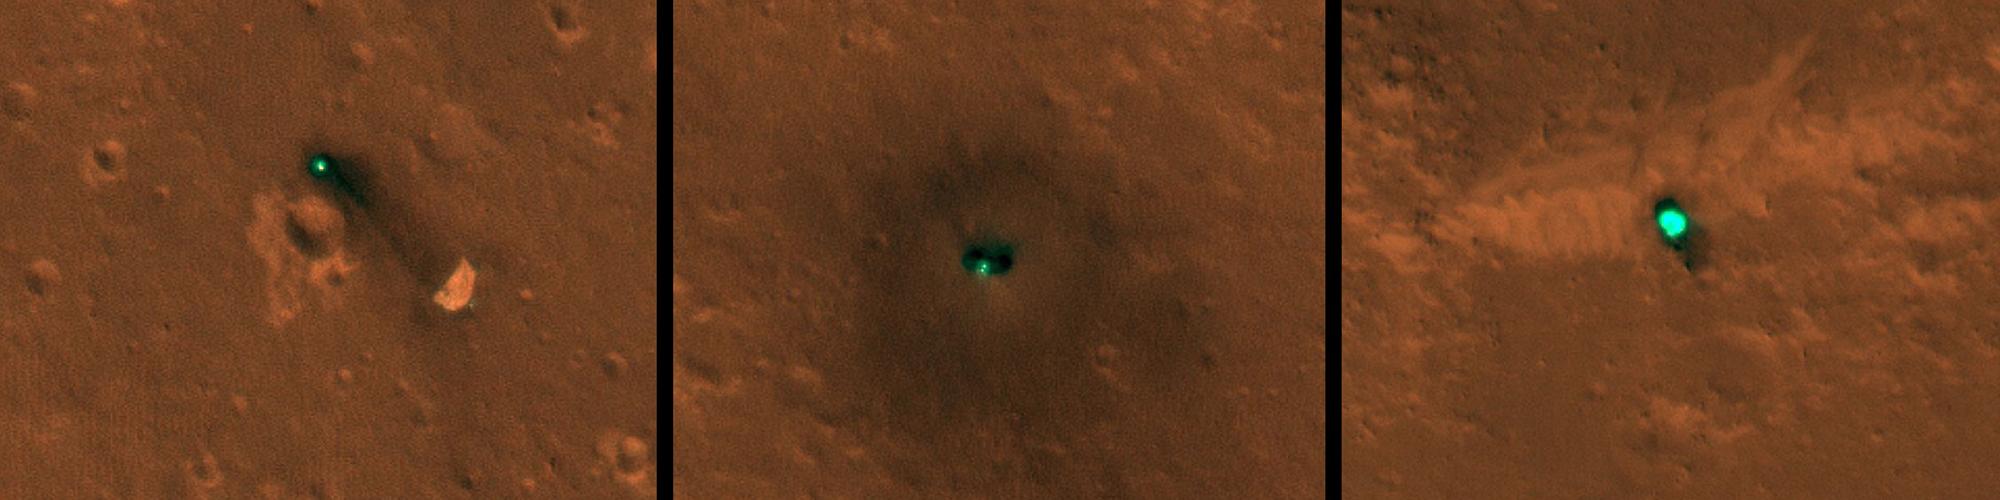 InSight Lander on Mars